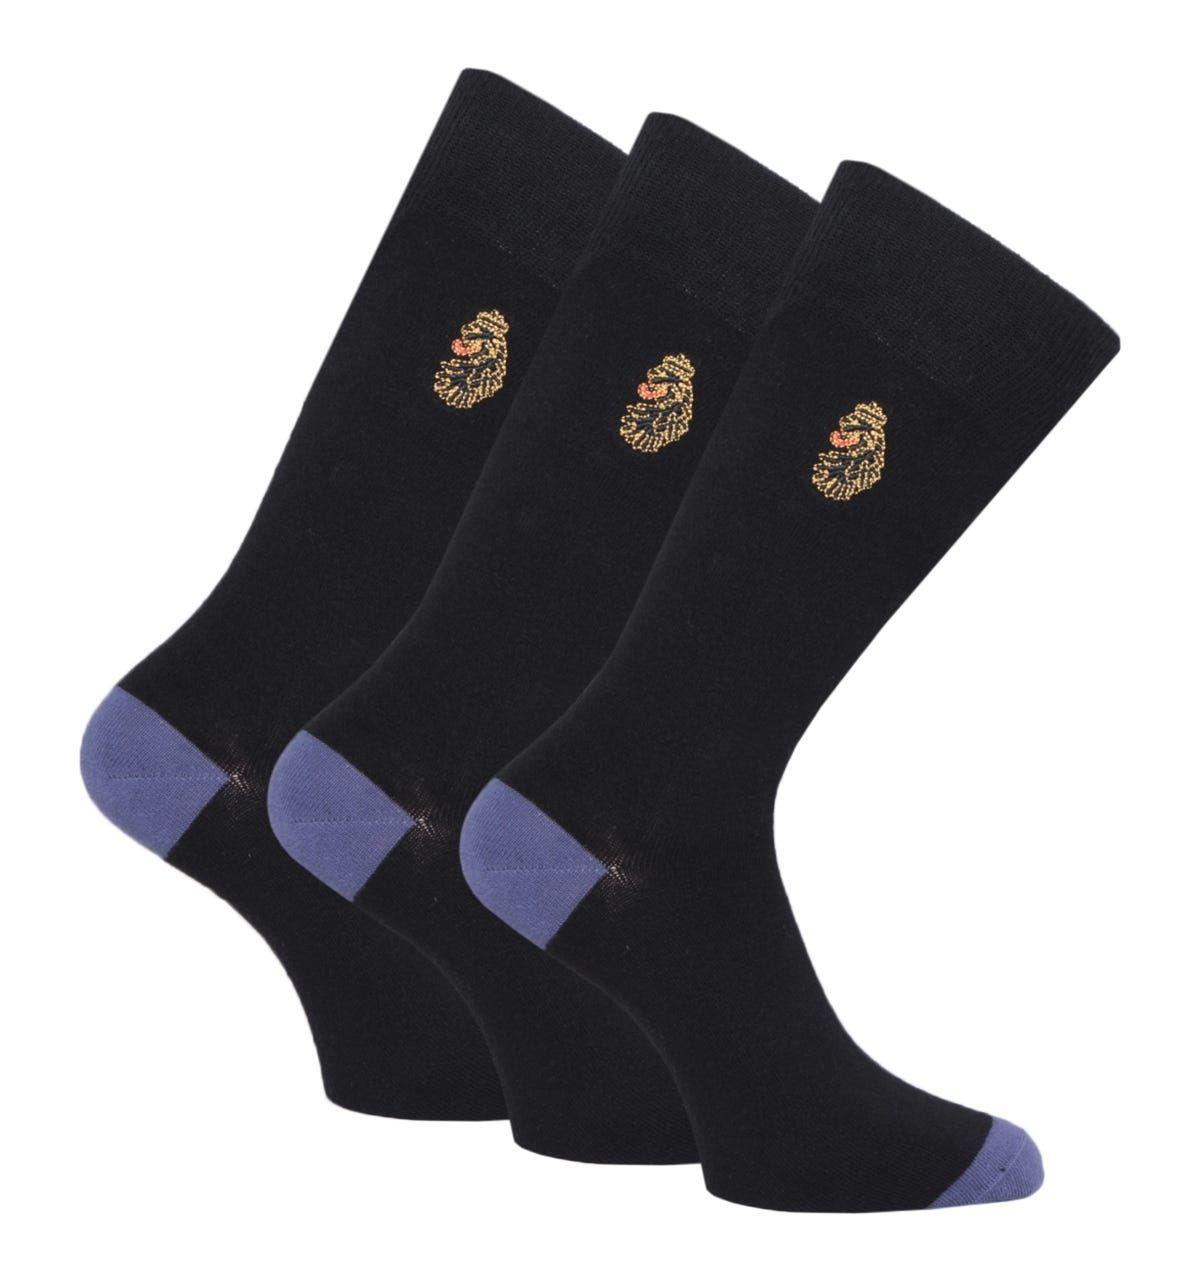 Luke 1977 James 3 Pack Black Socks